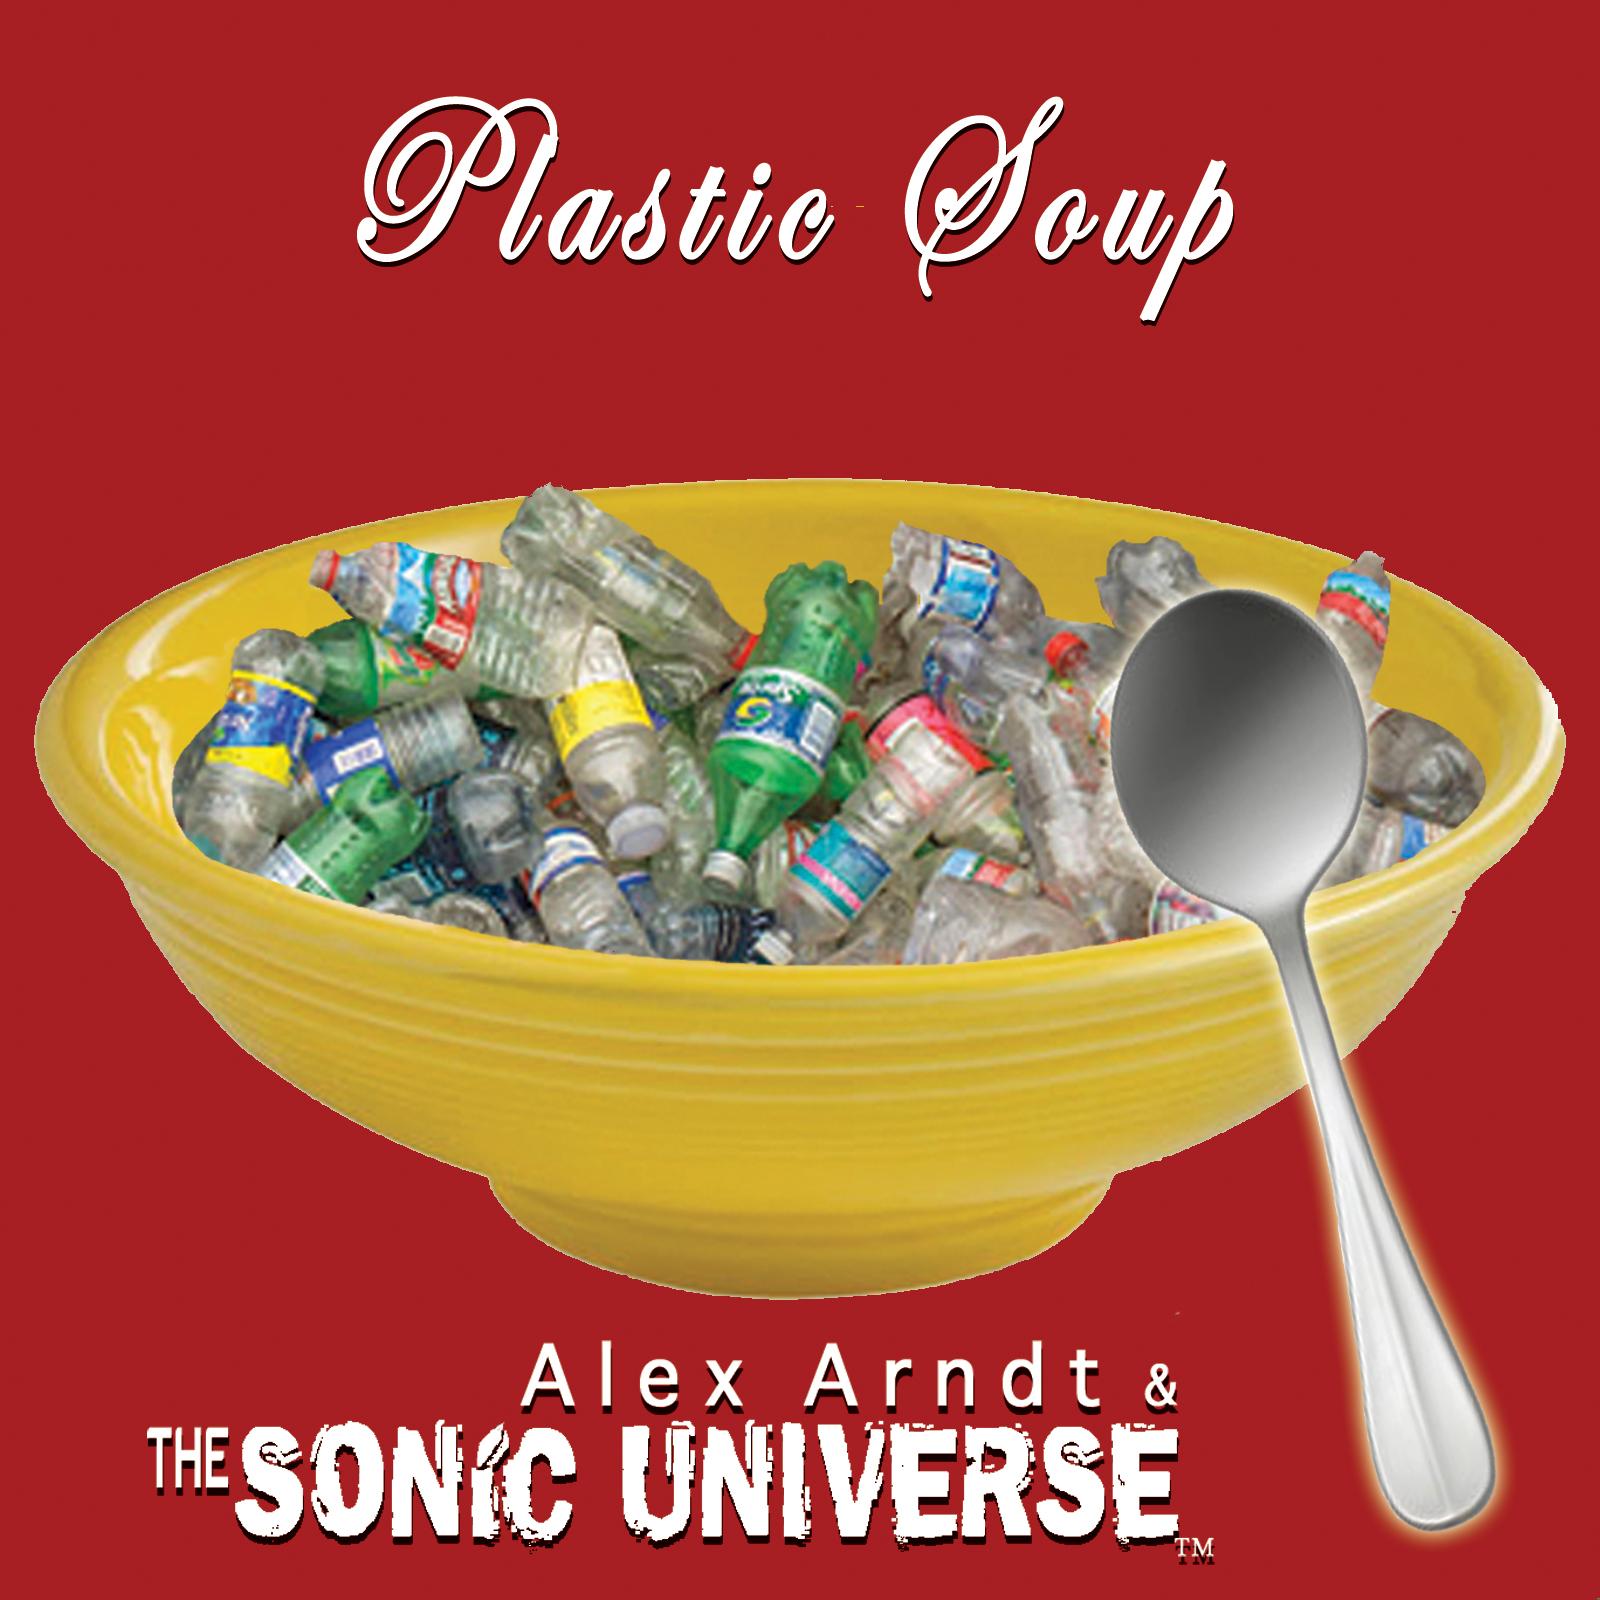 Alex Arndt & The Sonic Universe - Plastic Soup album cover